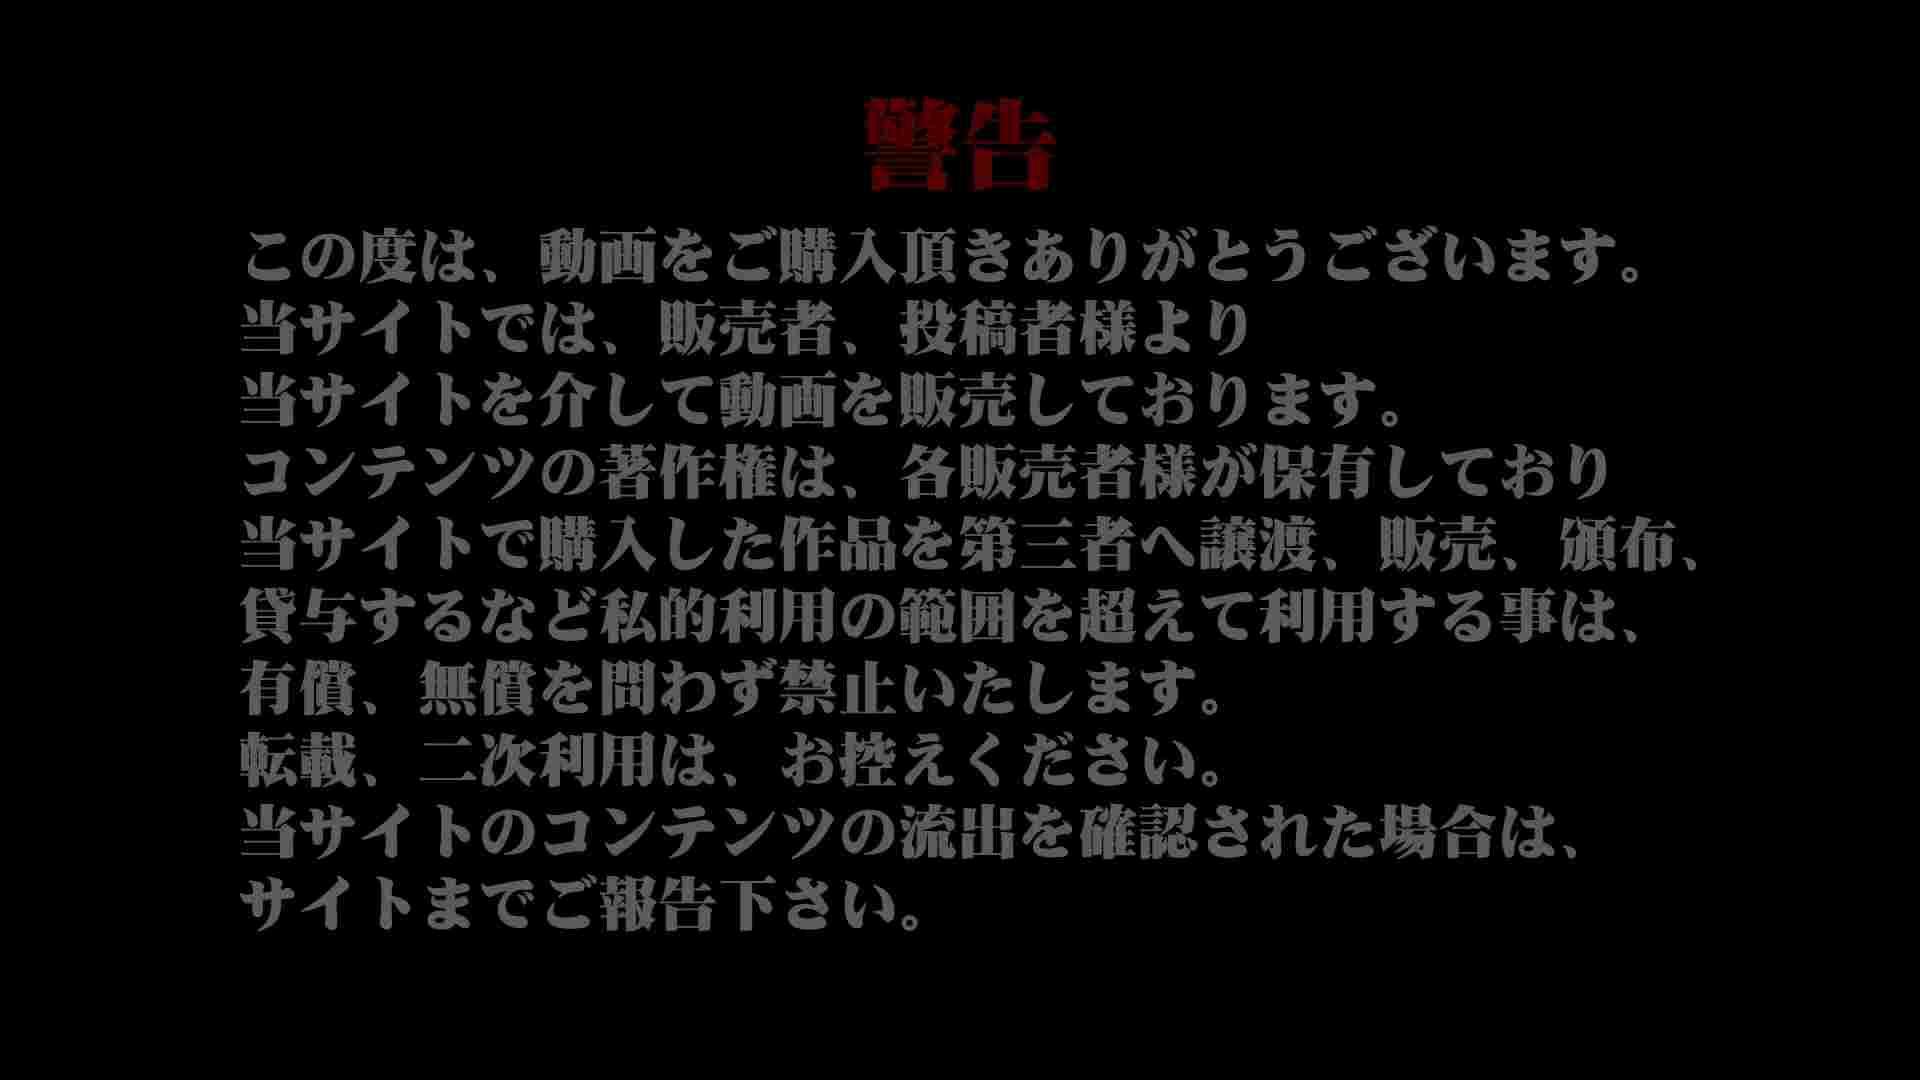 ギャルのパンチラ 美女の痴態に密着!Vol.12 ギャル達 オメコ動画キャプチャ 102枚 2